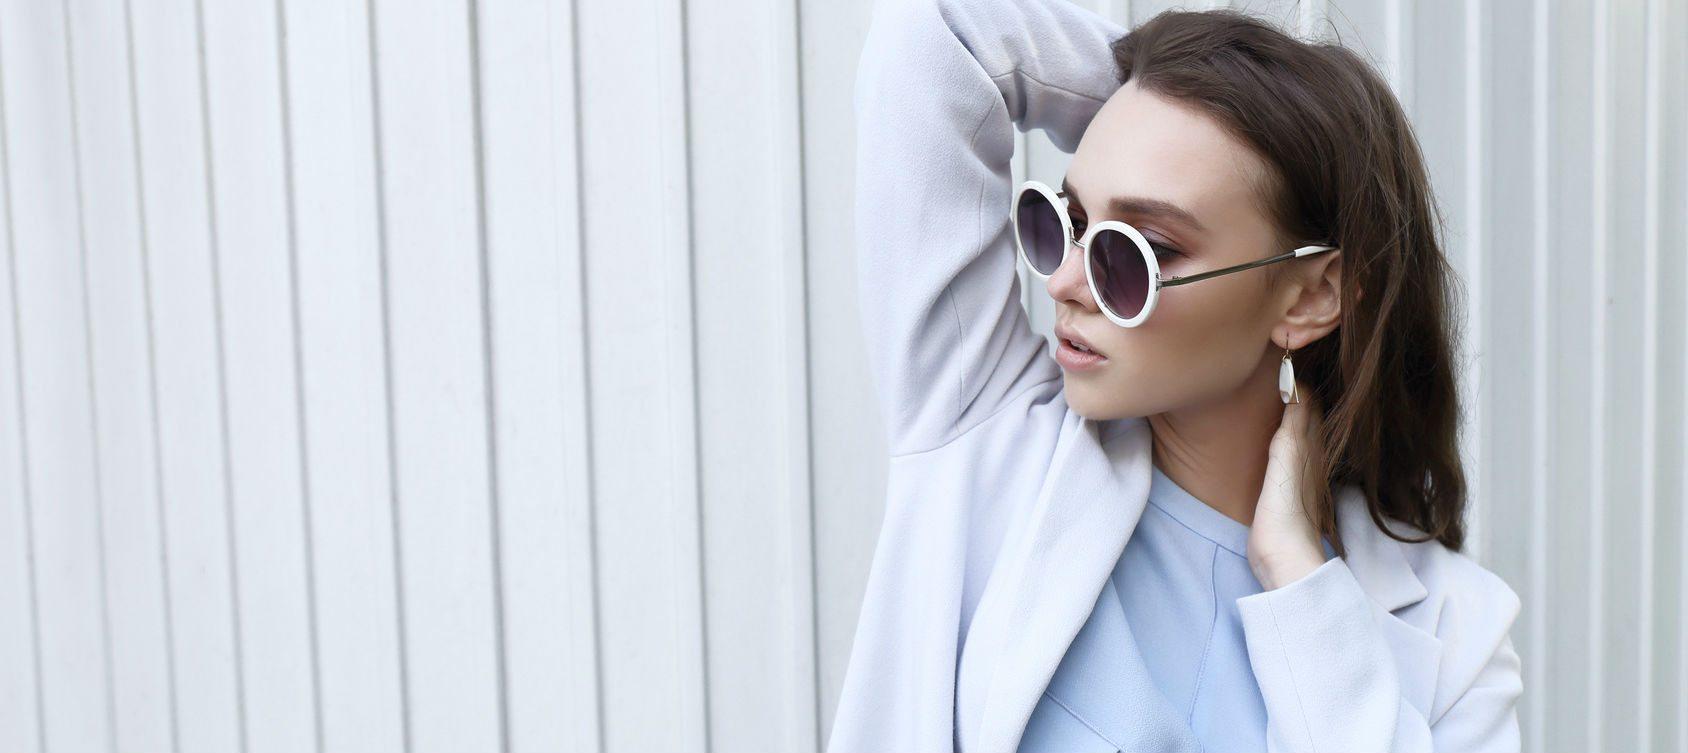 Diseño y calidad en gafas